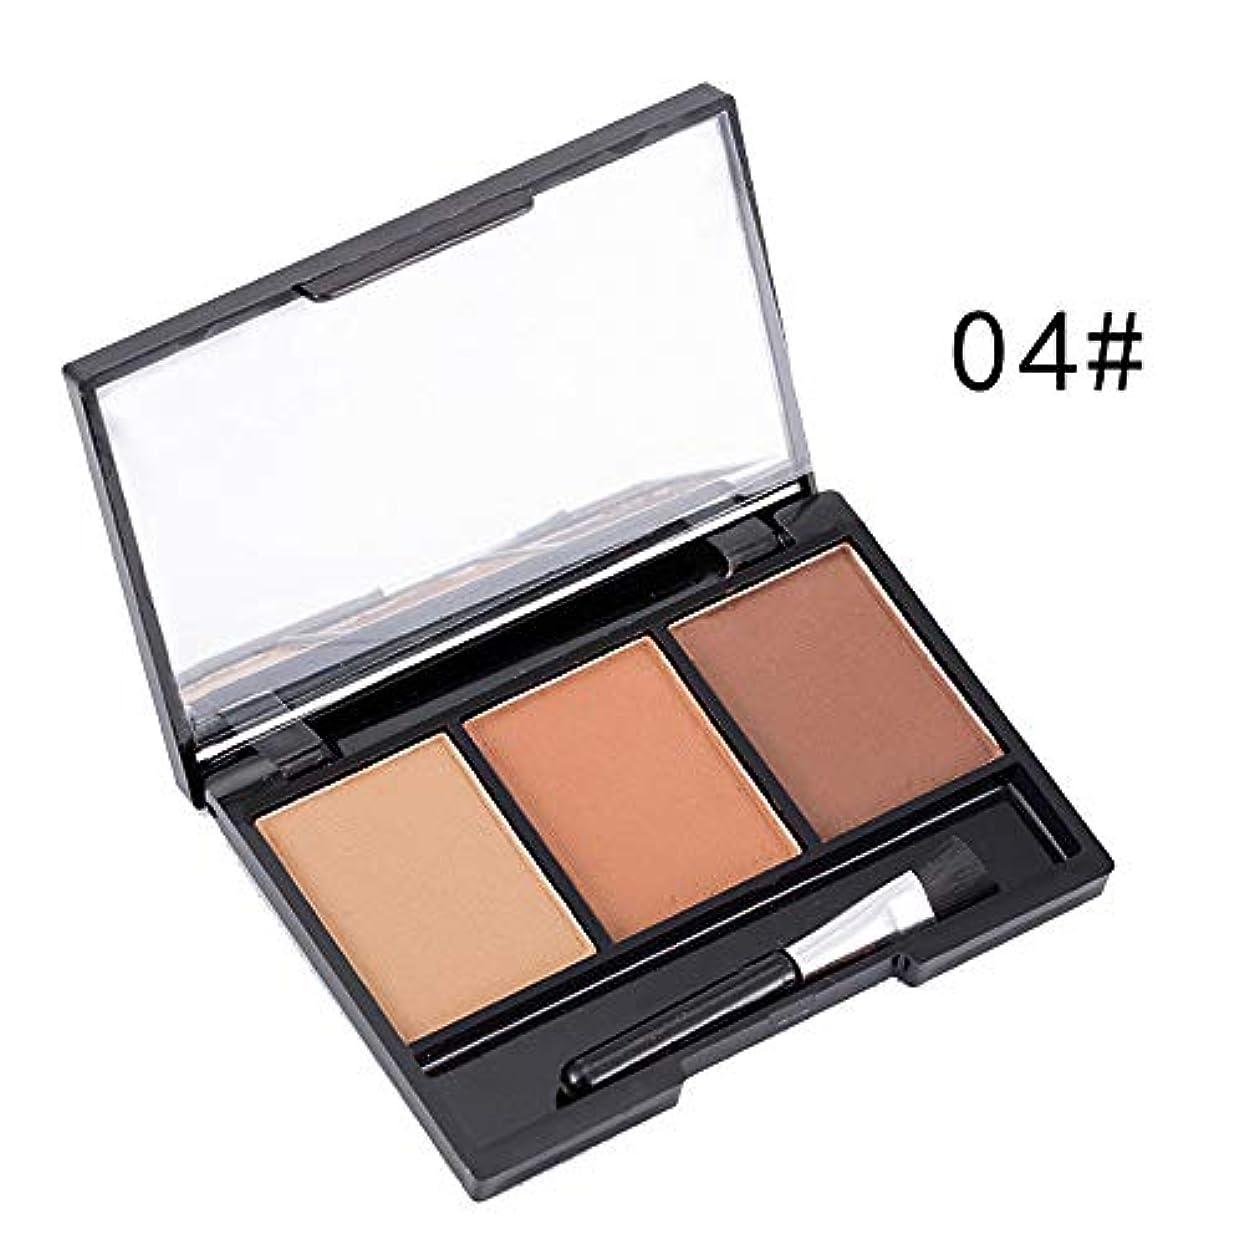 前件どっちアベニューAkane パウダーアイブロウパレット SR MAKE UP 綺麗 人気 ファッション 魅力的 眉 自然 パウダーアイブロウ ぼかしない チャーム 防水 長持ち おしゃれ 持ち便利 Eye Shadow (3色) ES021